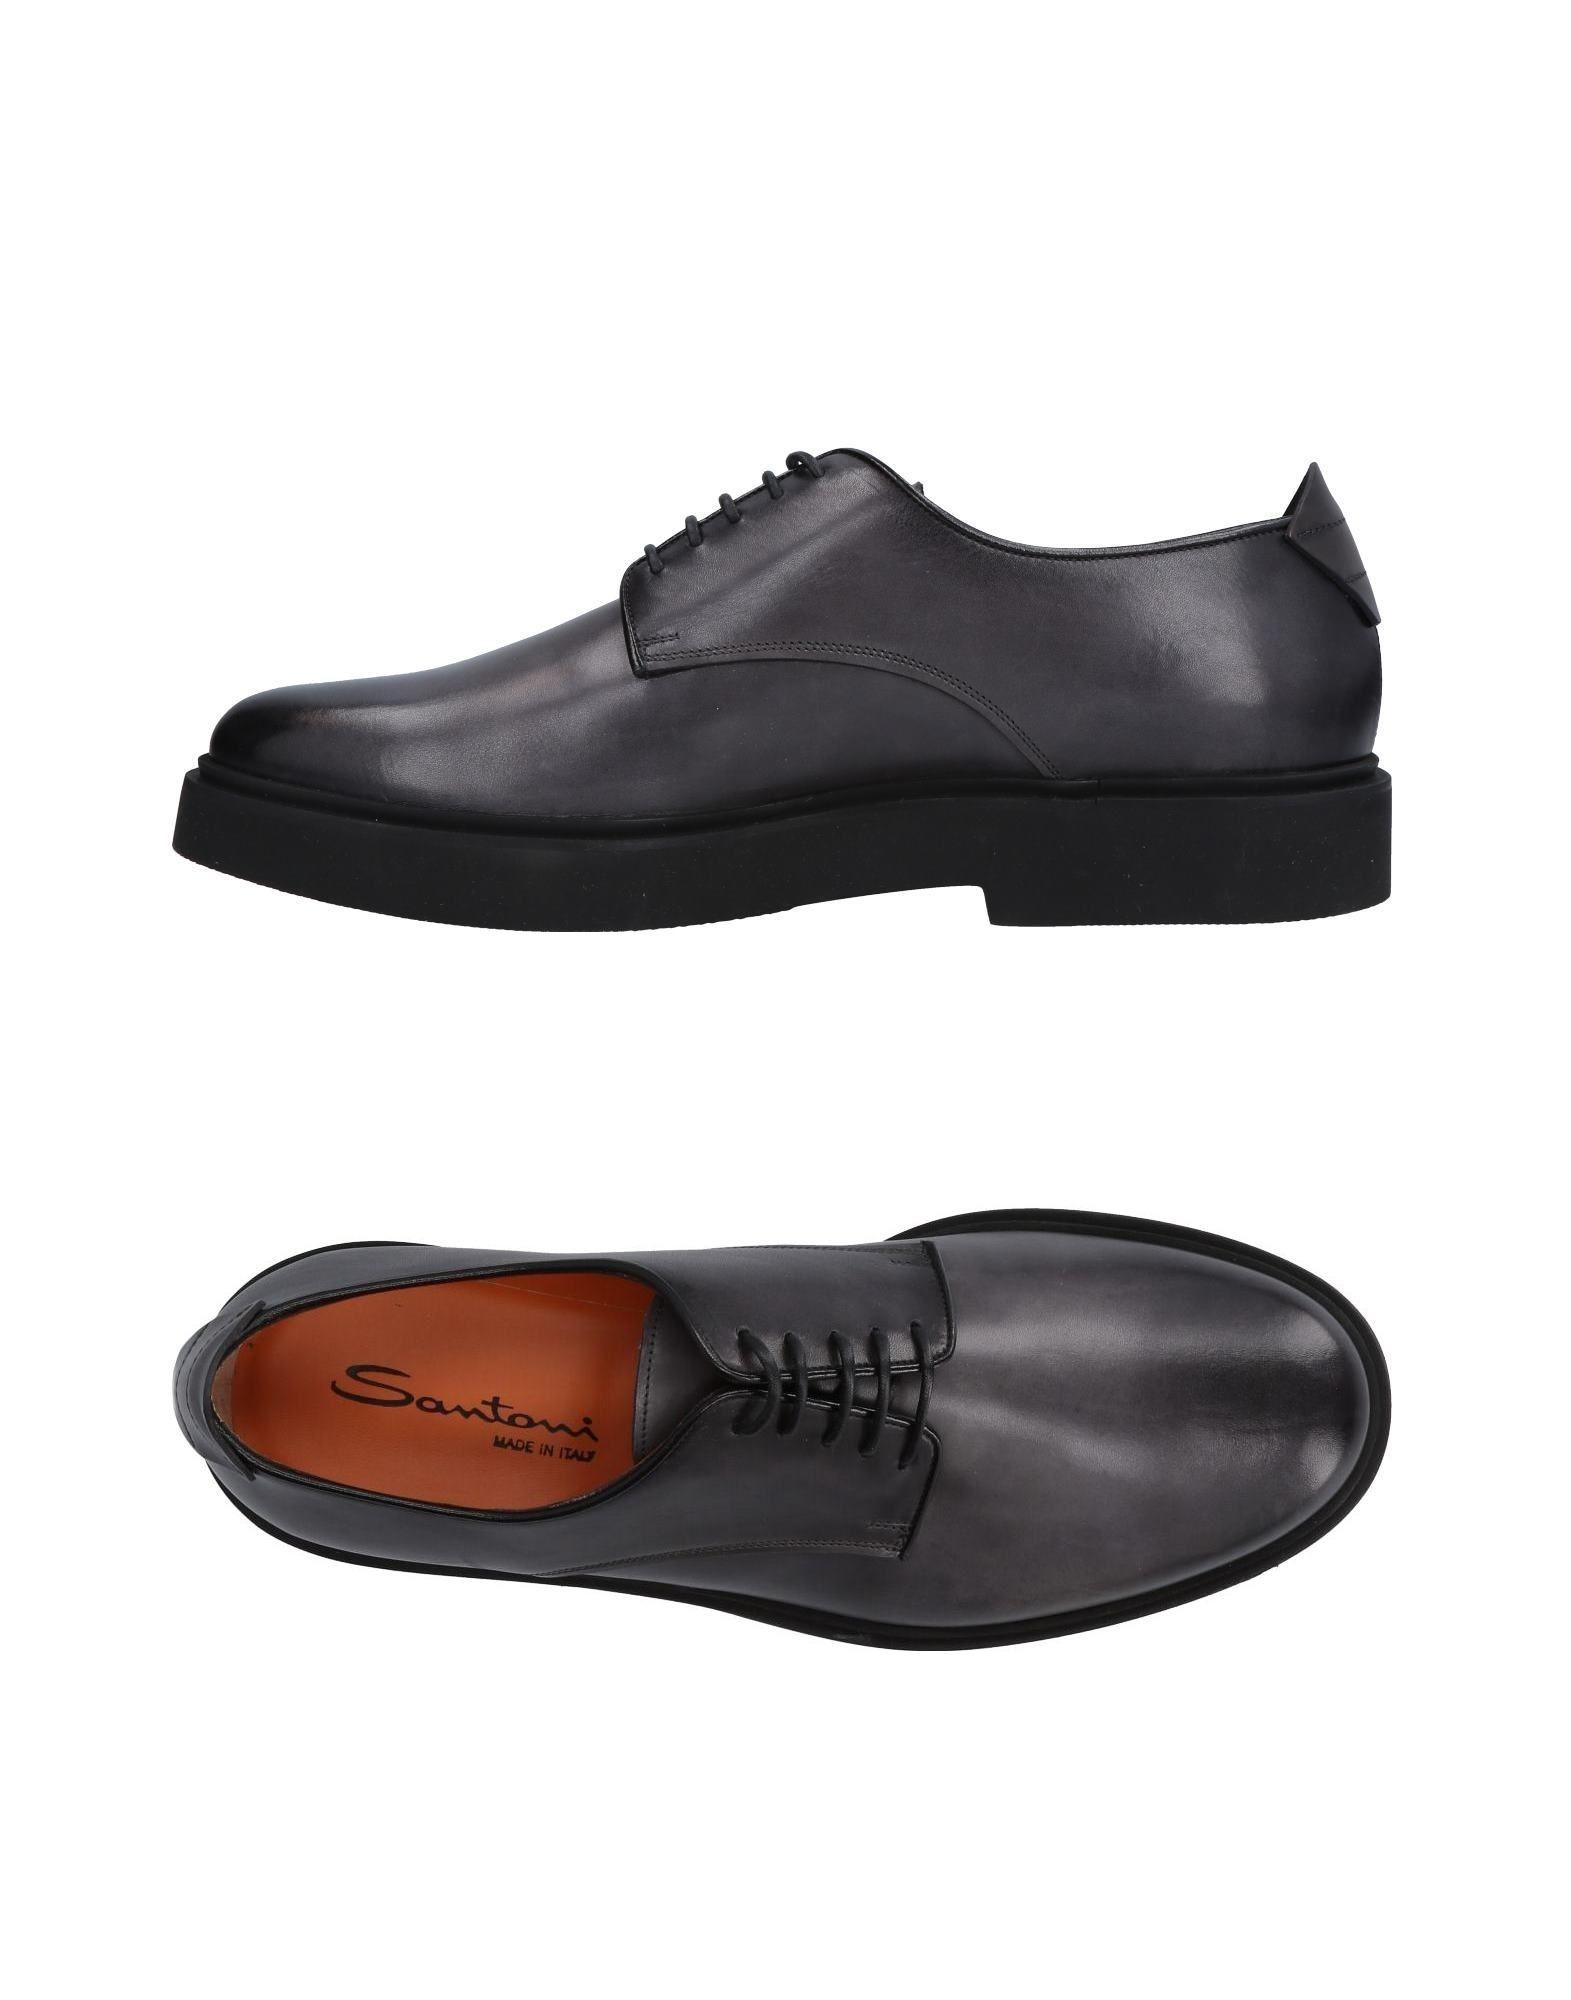 Santoni Schnürschuhe Herren  11478577VX Gute Qualität beliebte Schuhe